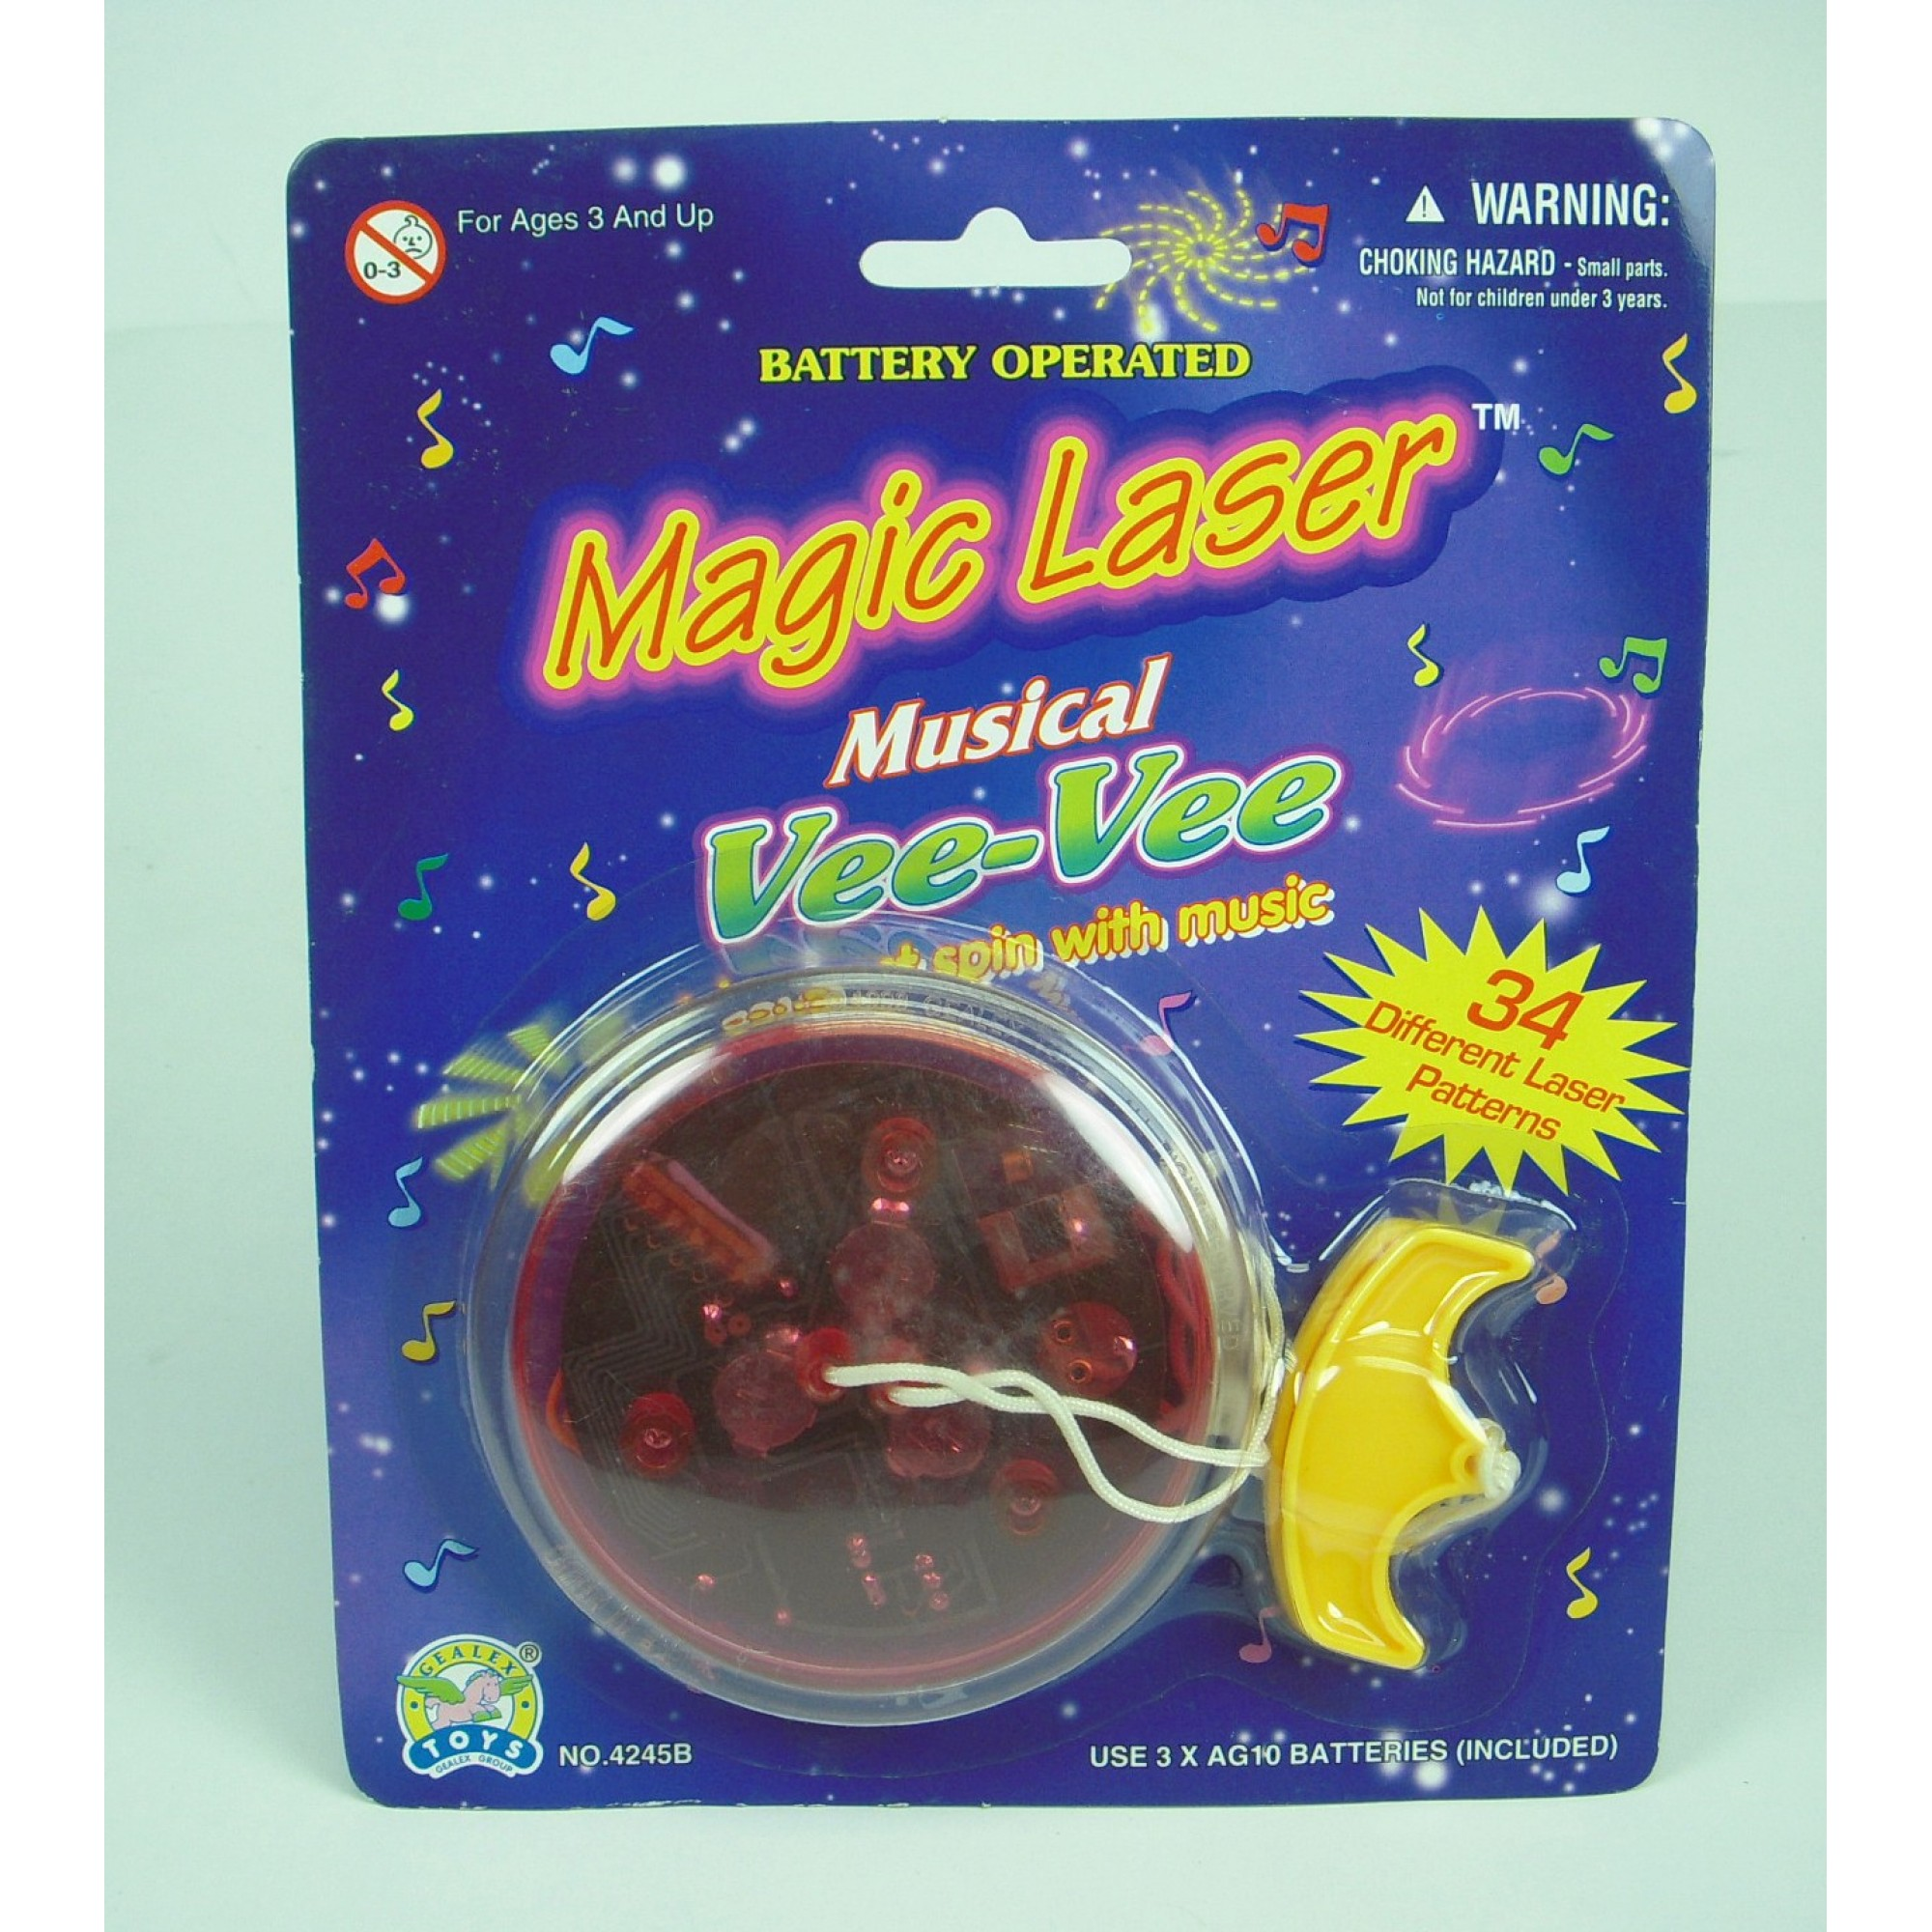 Magic Laser Vee Vee